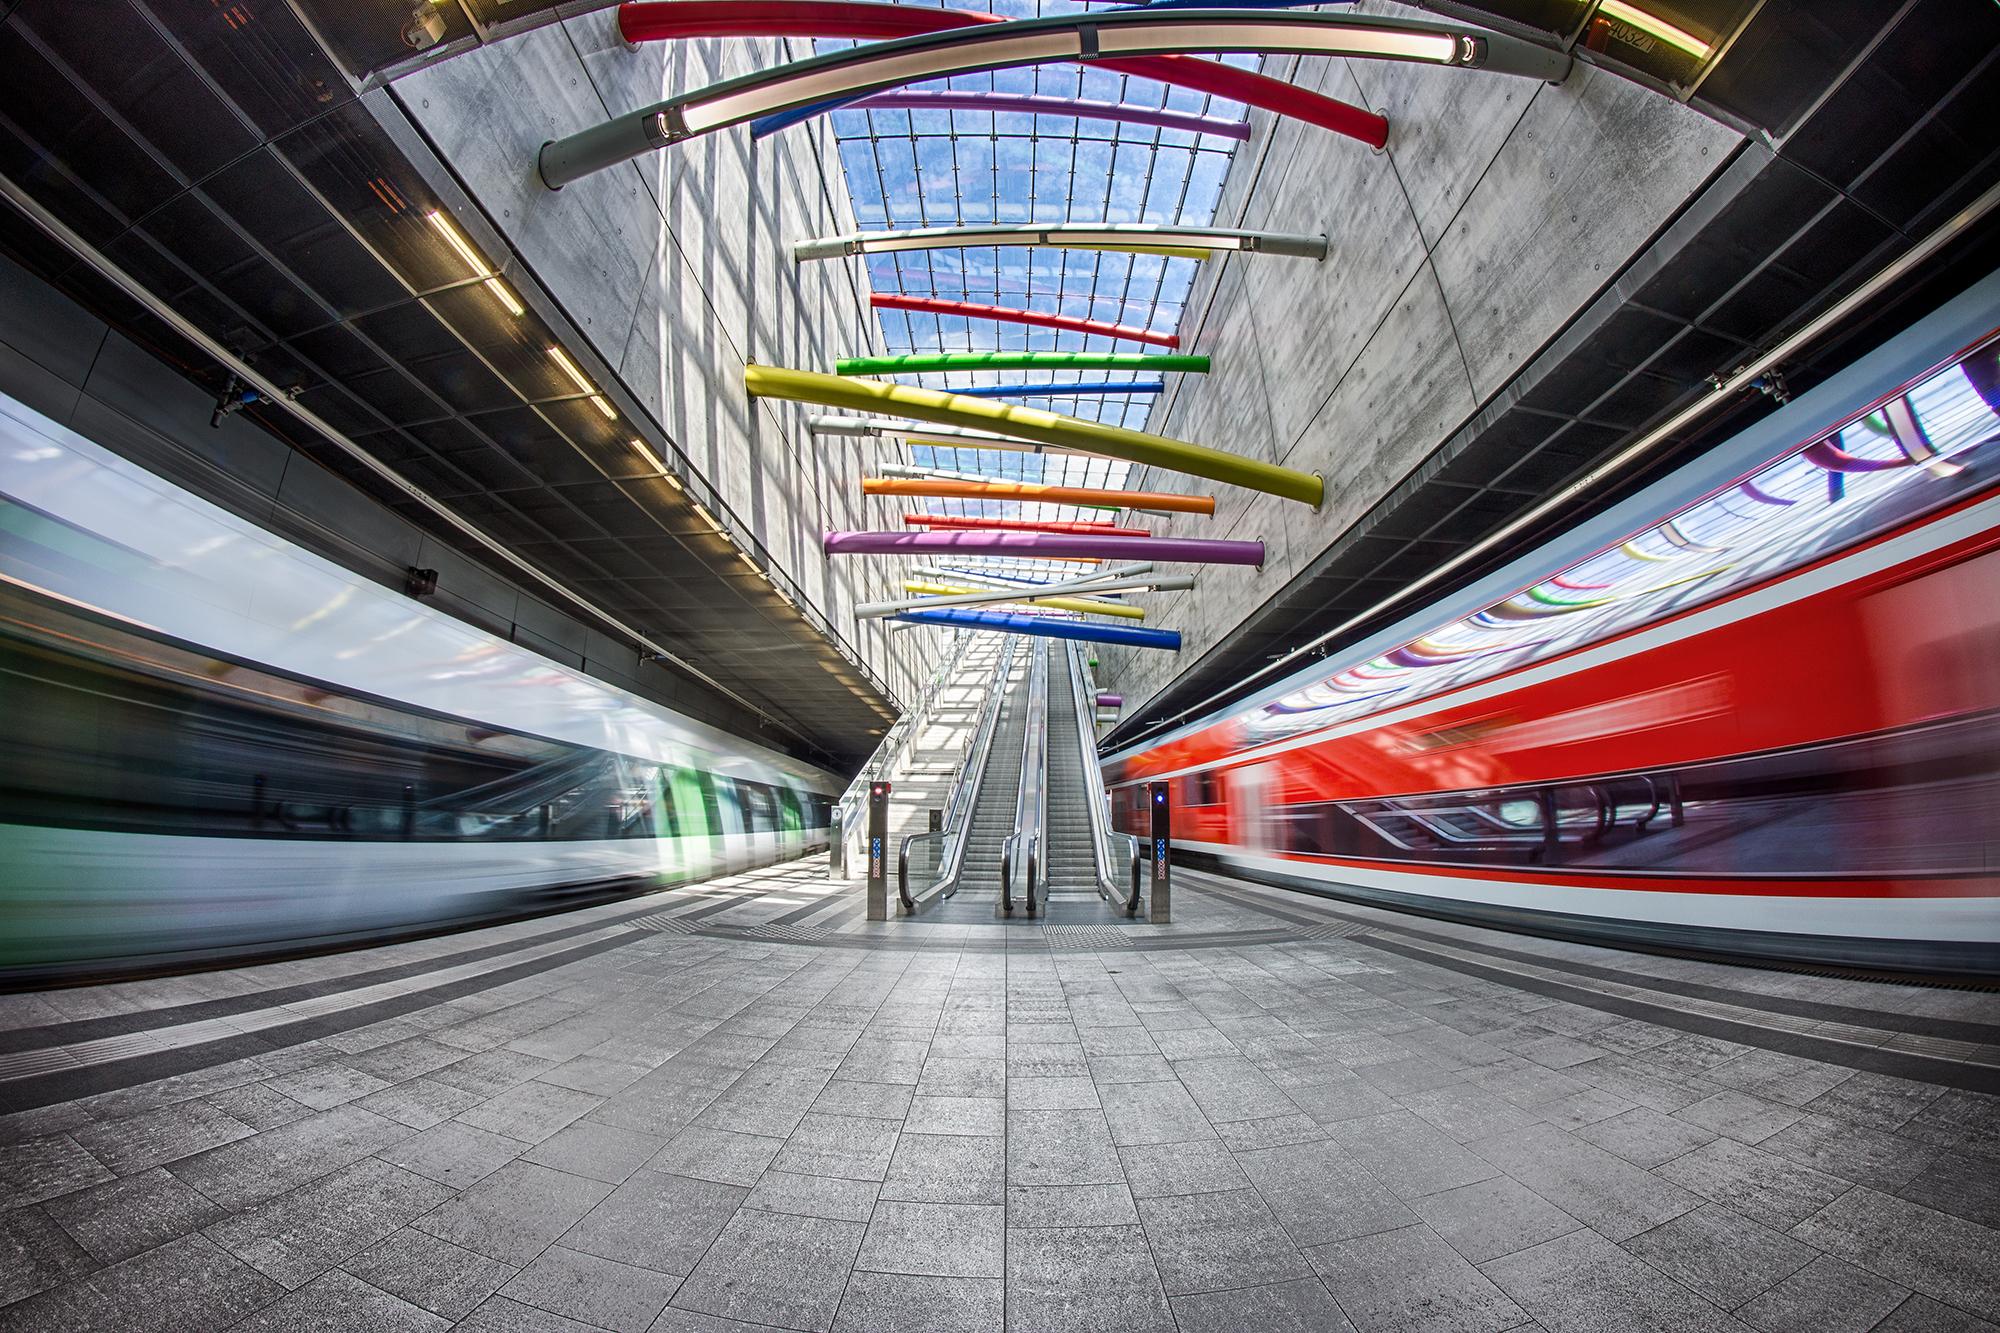 Bayerischer Bahnhof Leipzig, Germany